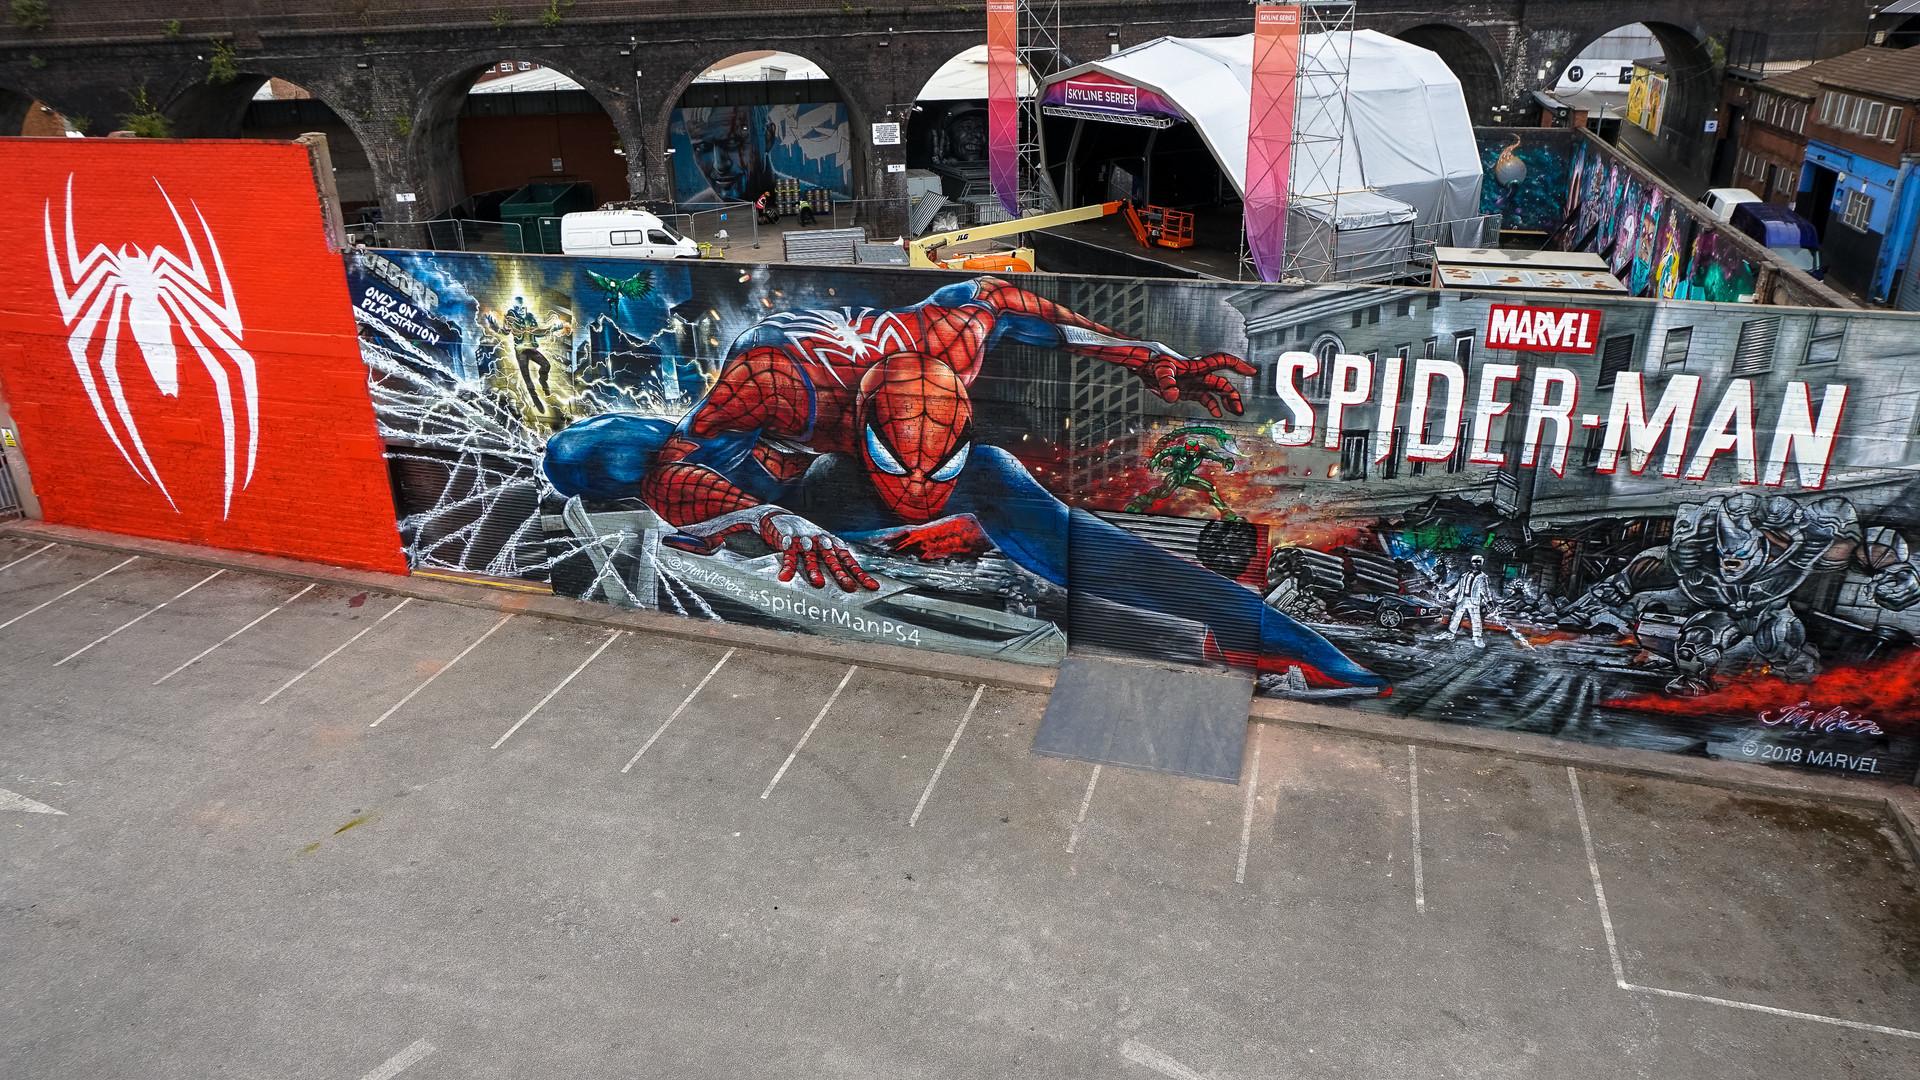 Spider-Man Aerial View